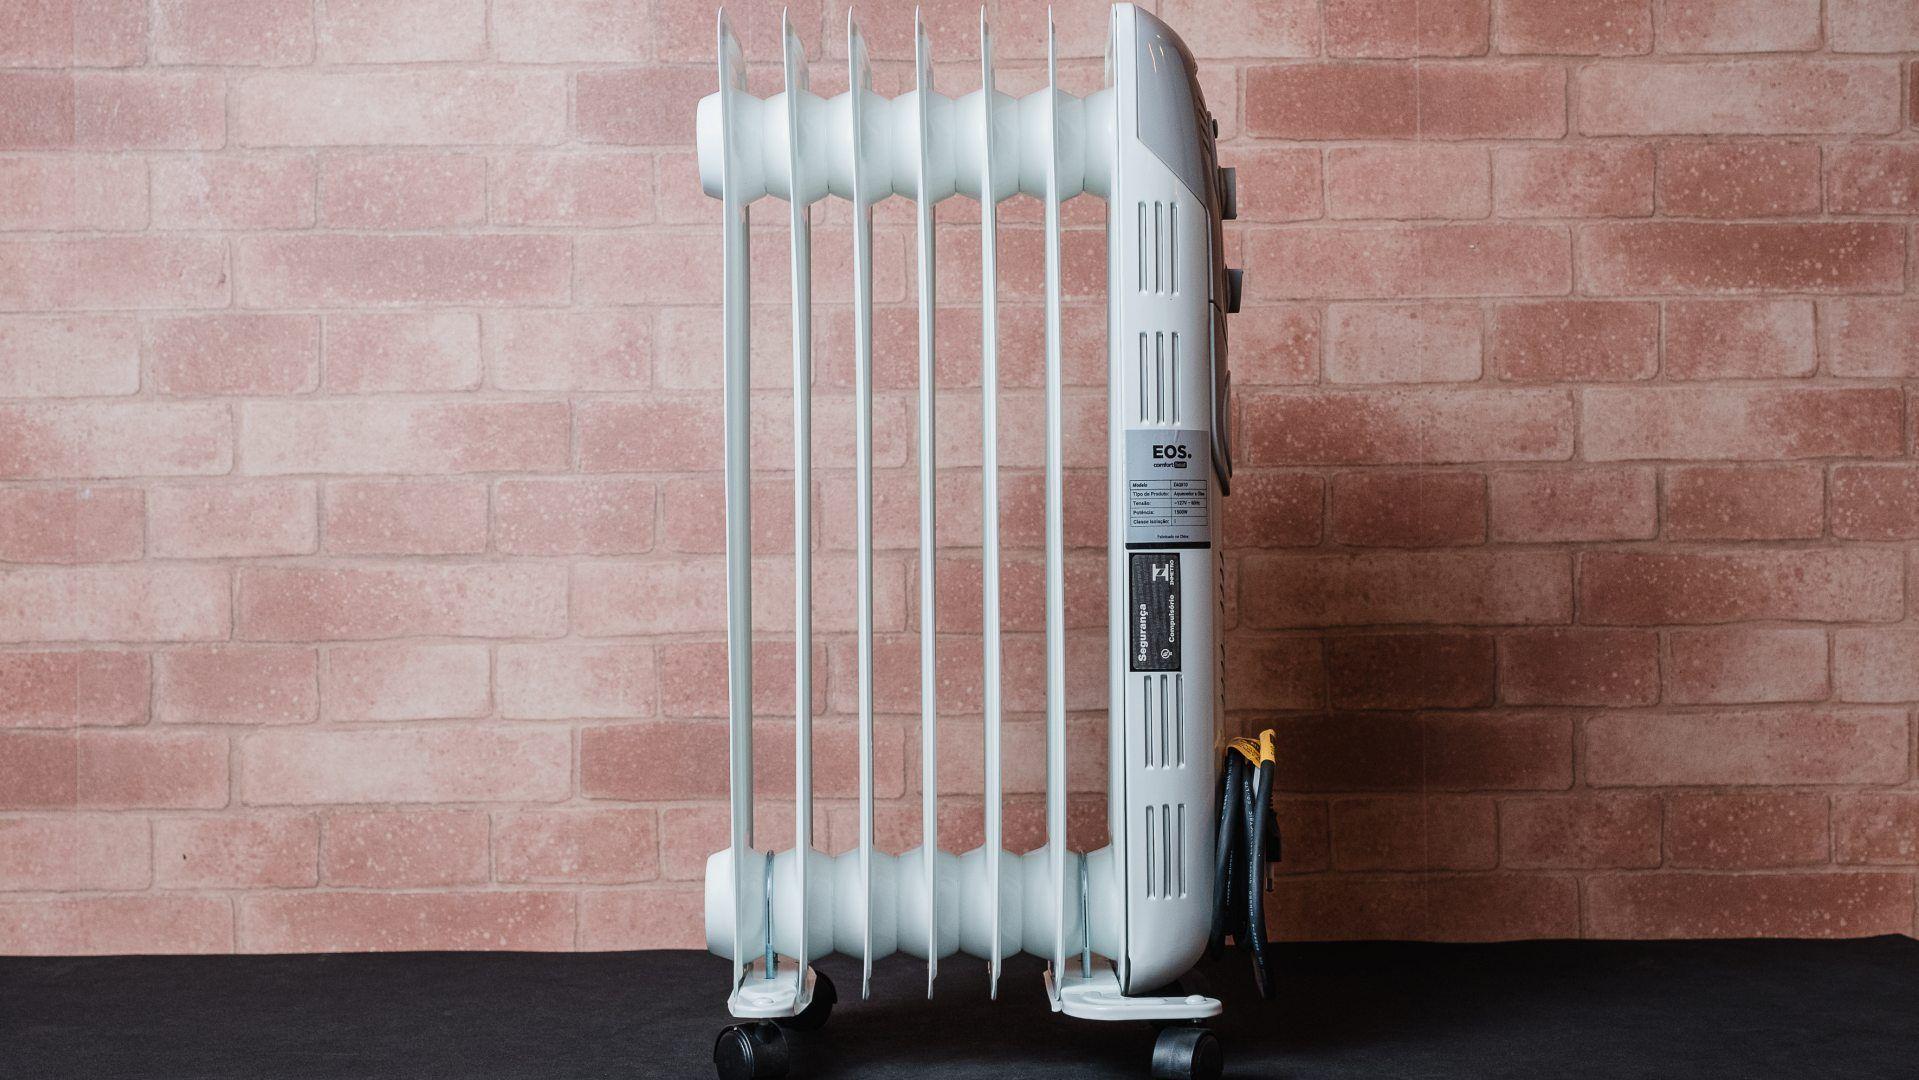 Os radiadores do aquecedor são responsáveis pelo peso do aparelho (Foto: Zoom)